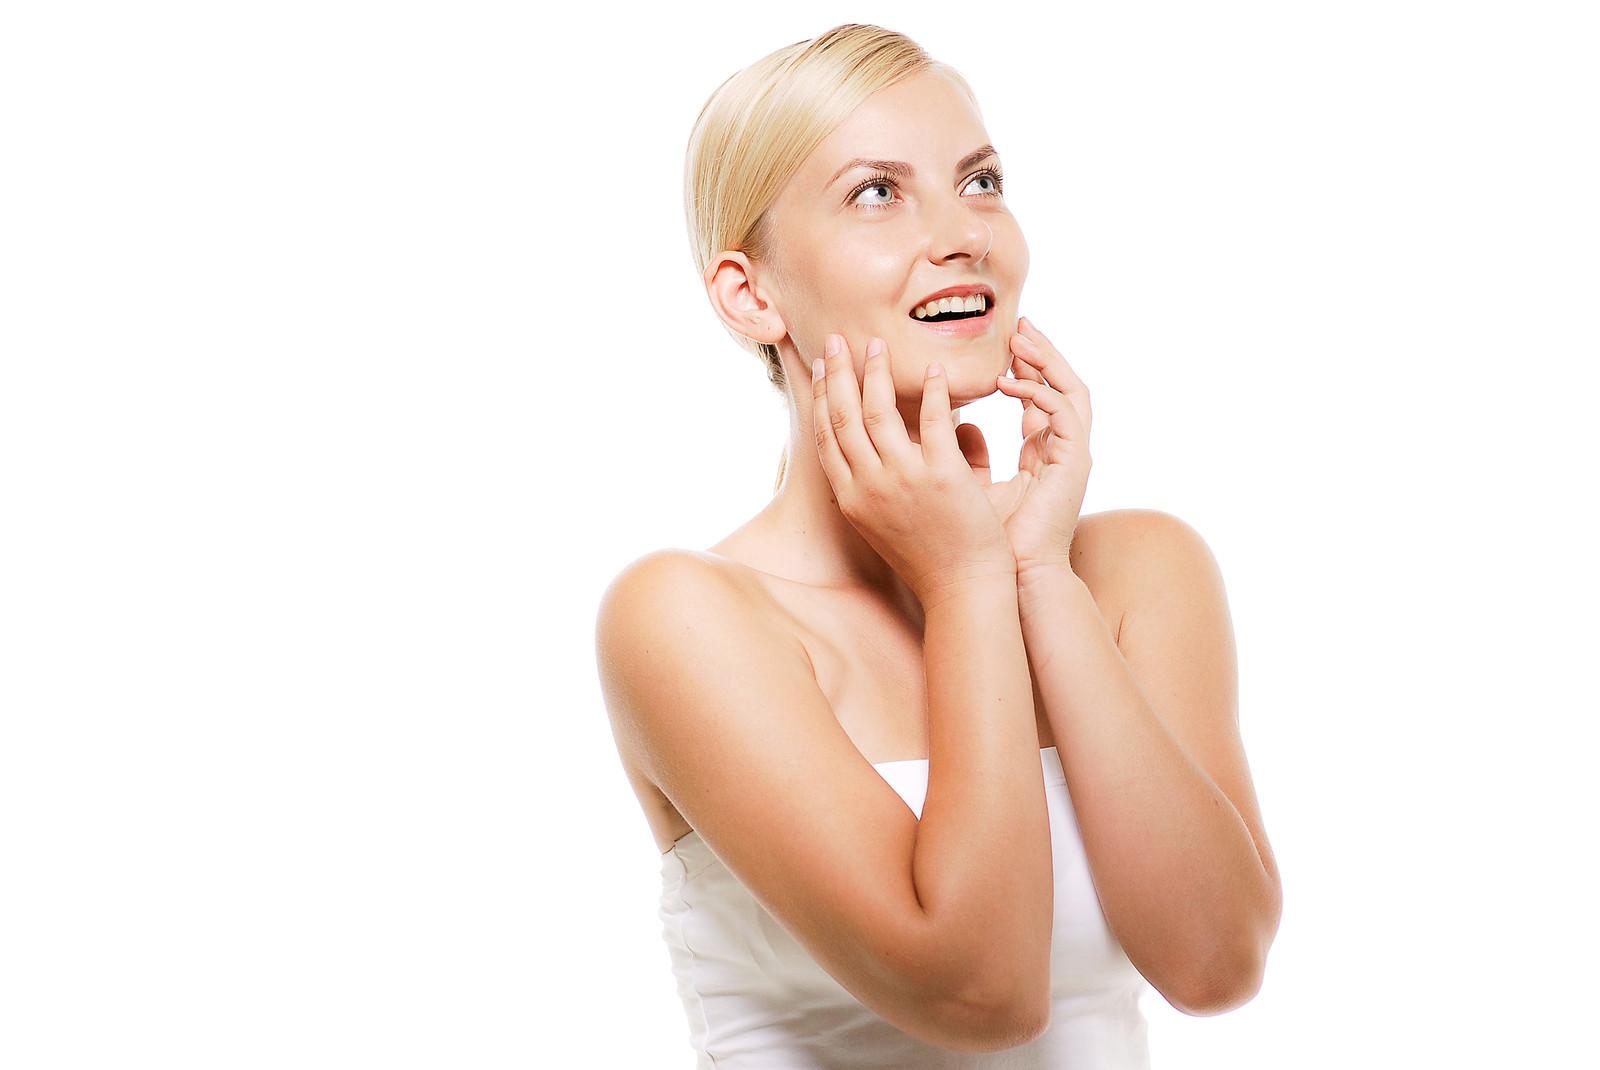 ホワイトニング後の歯磨きで白さをキープできる?効果的な方法を紹介